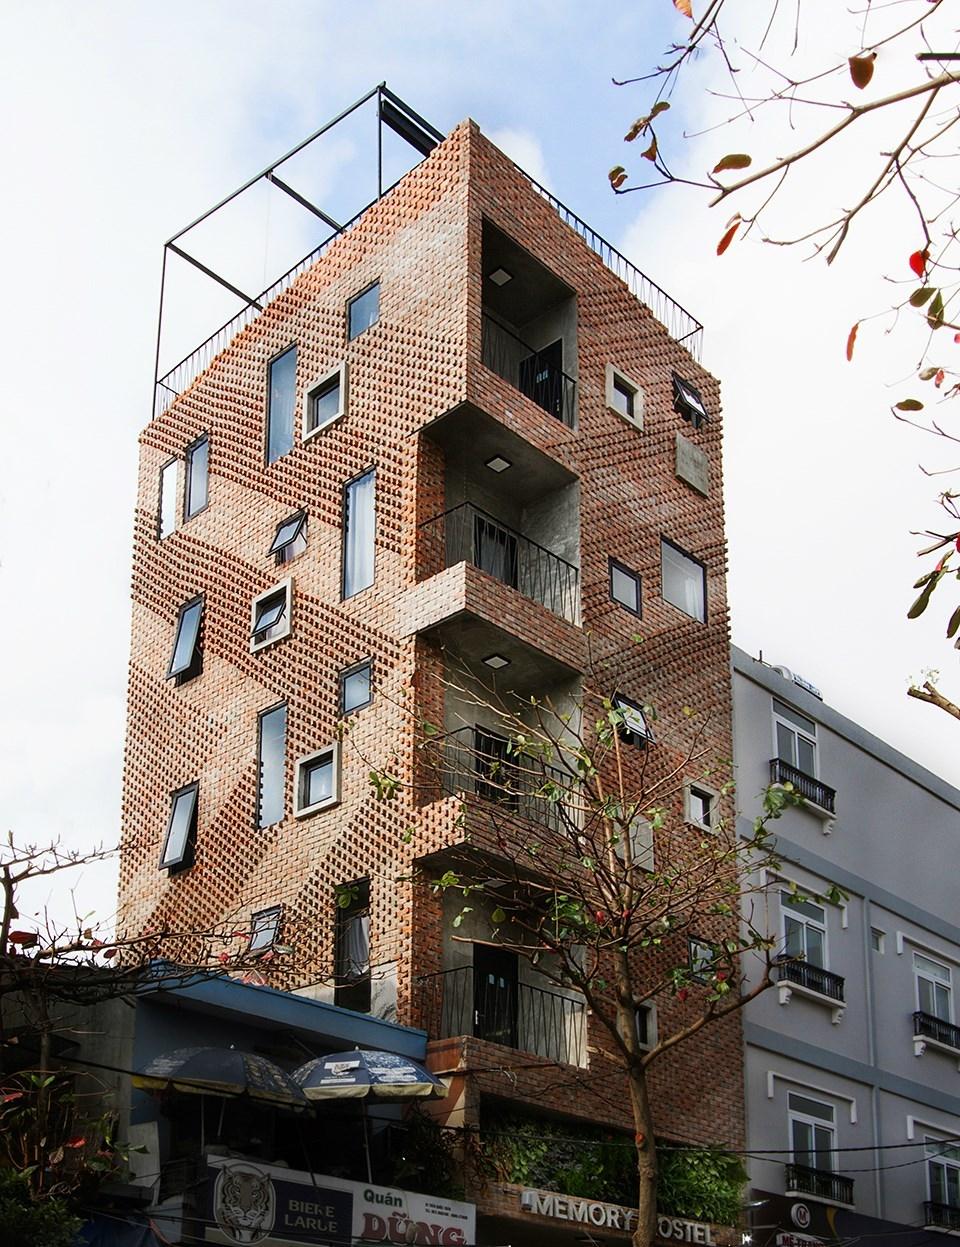 danang_memory-hostel-da-nang-01